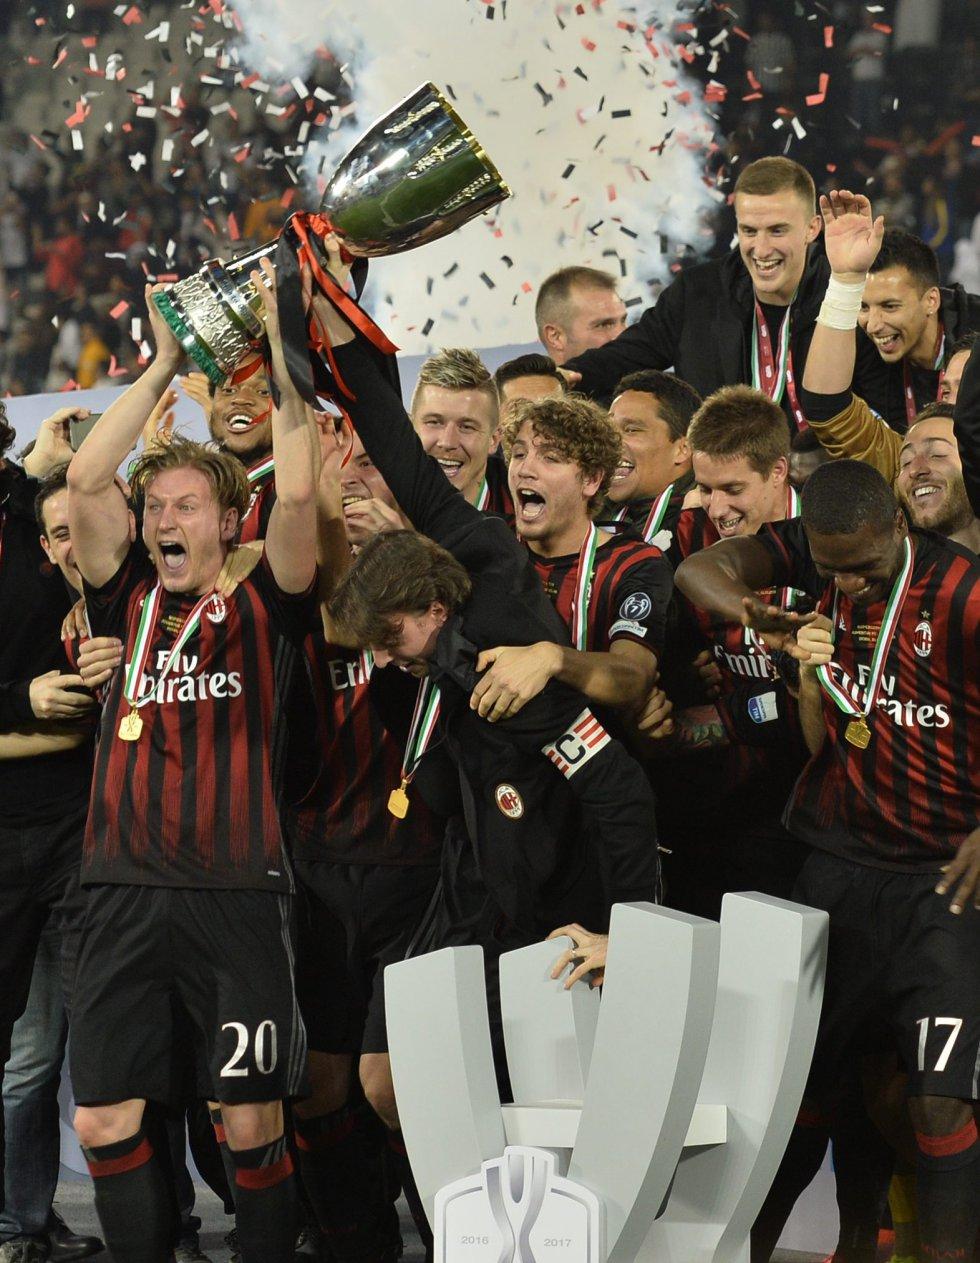 Los jugadores de Milan levantando el trofeo de campeones de la Supercopa Italia.